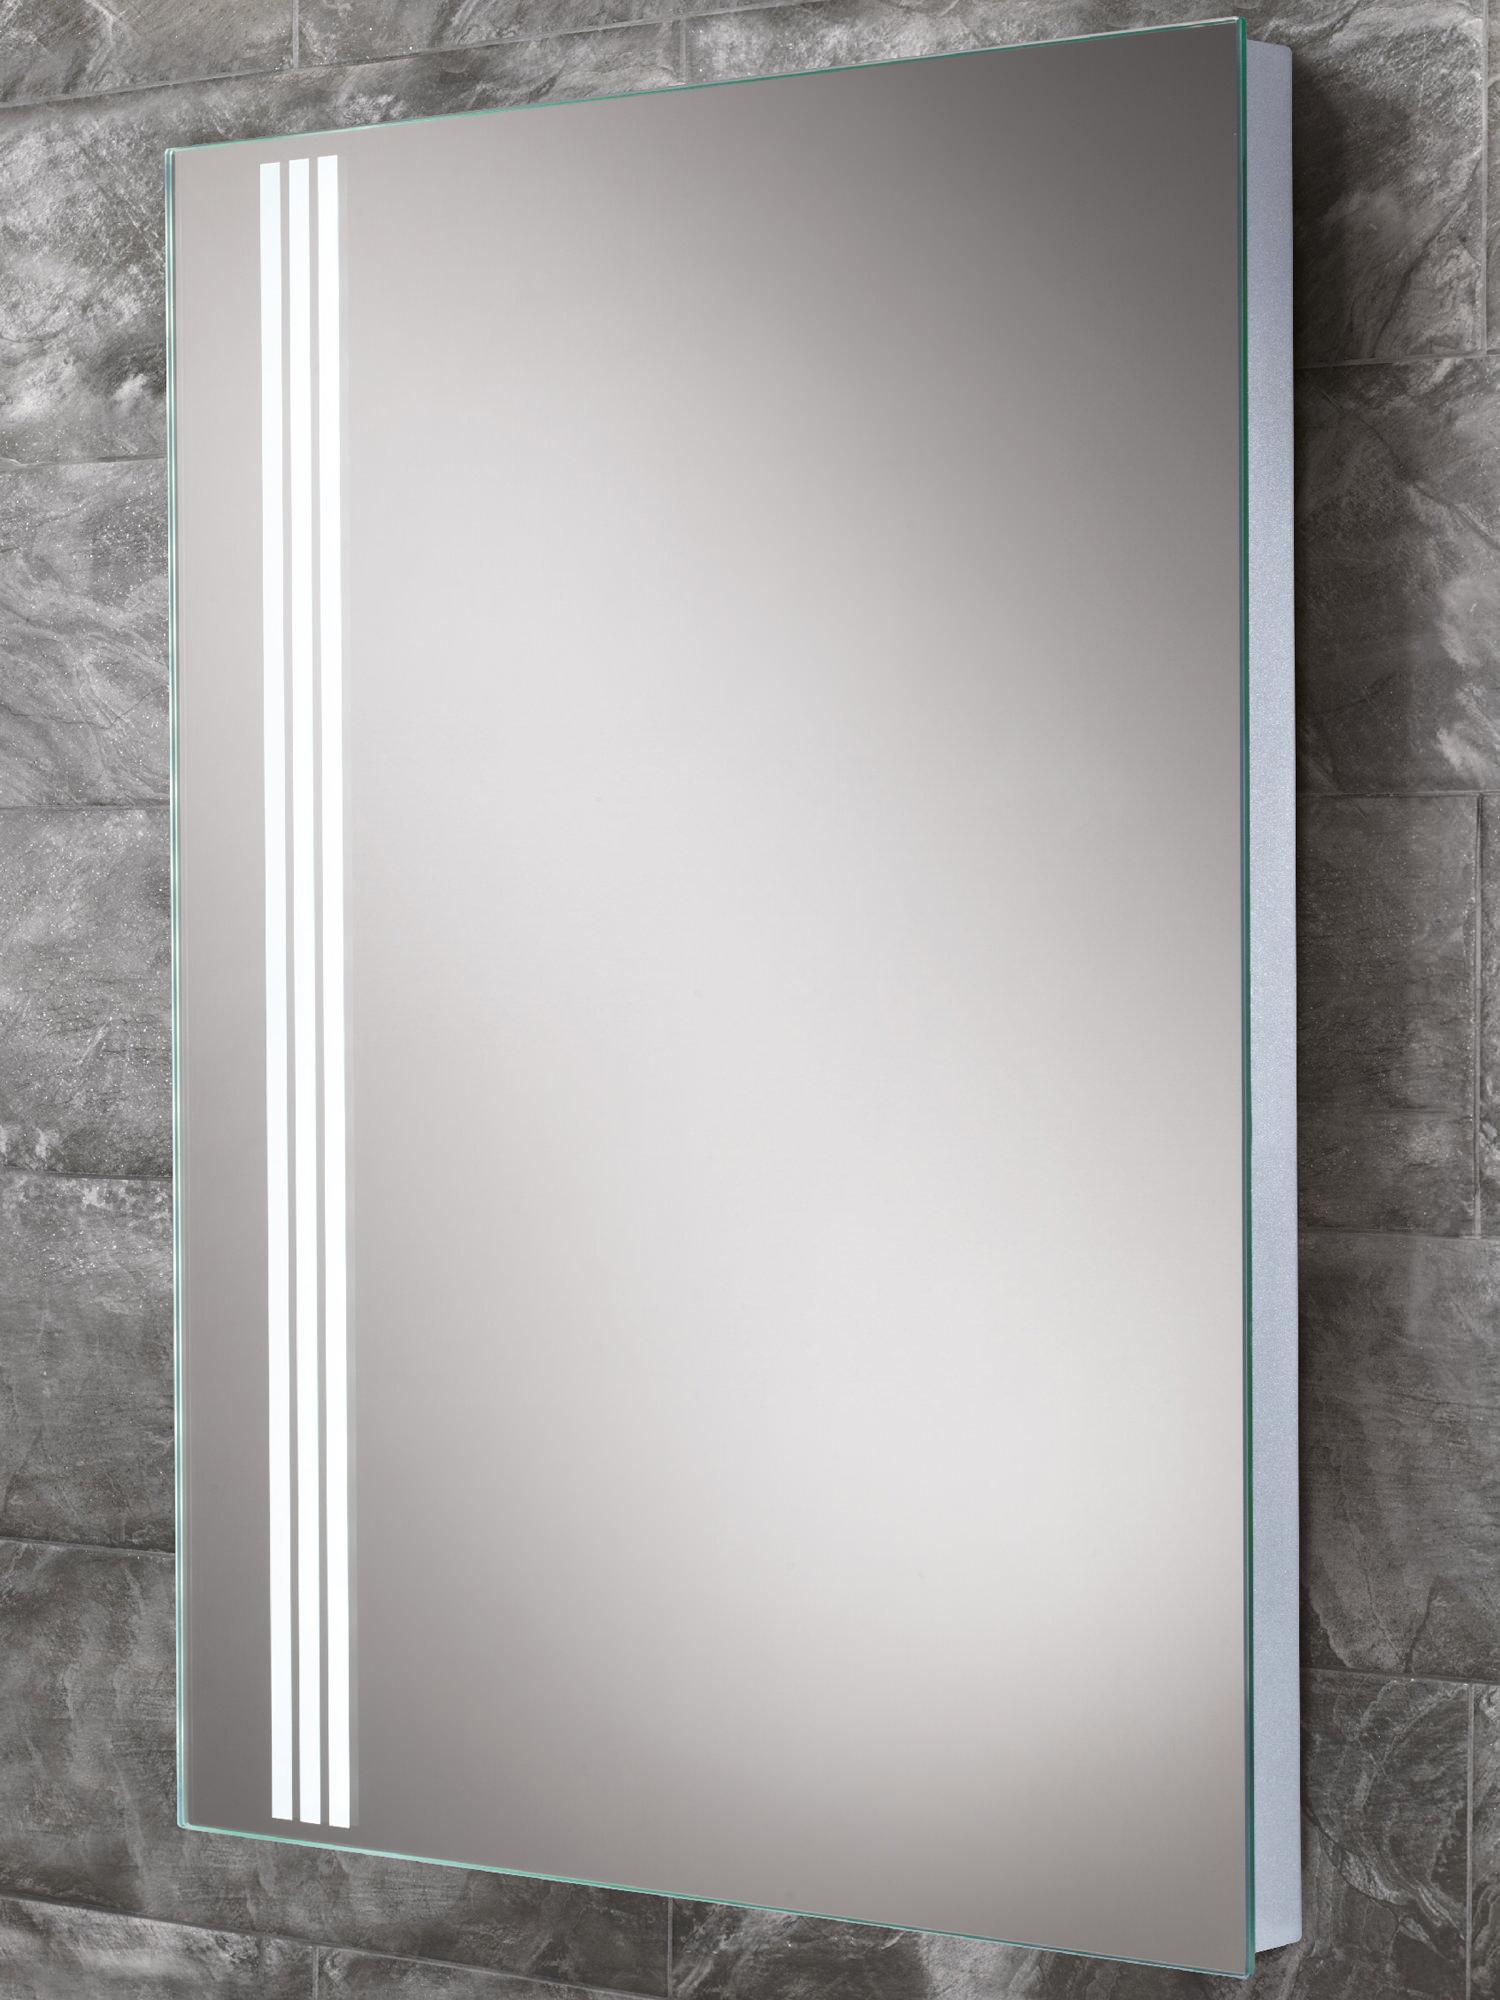 Hib amber steam free led back lit bathroom mirror 700 x 500mm for Mirror 700 x 700